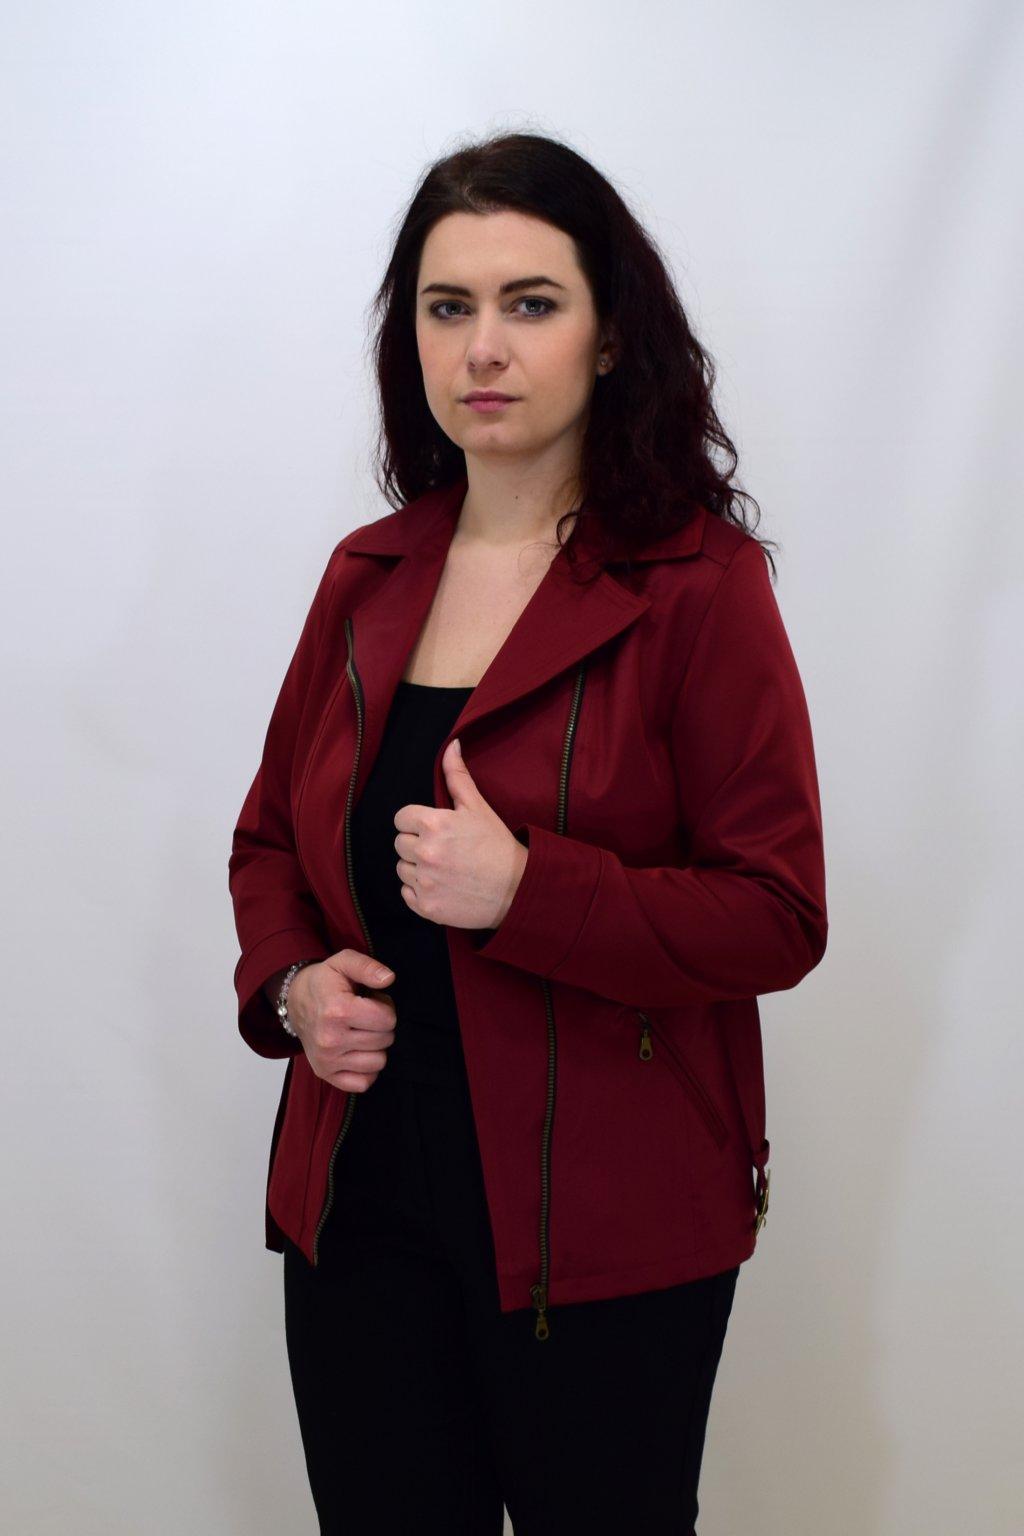 Dámský bordový jarní kabátek Zora nadměrné velikosti